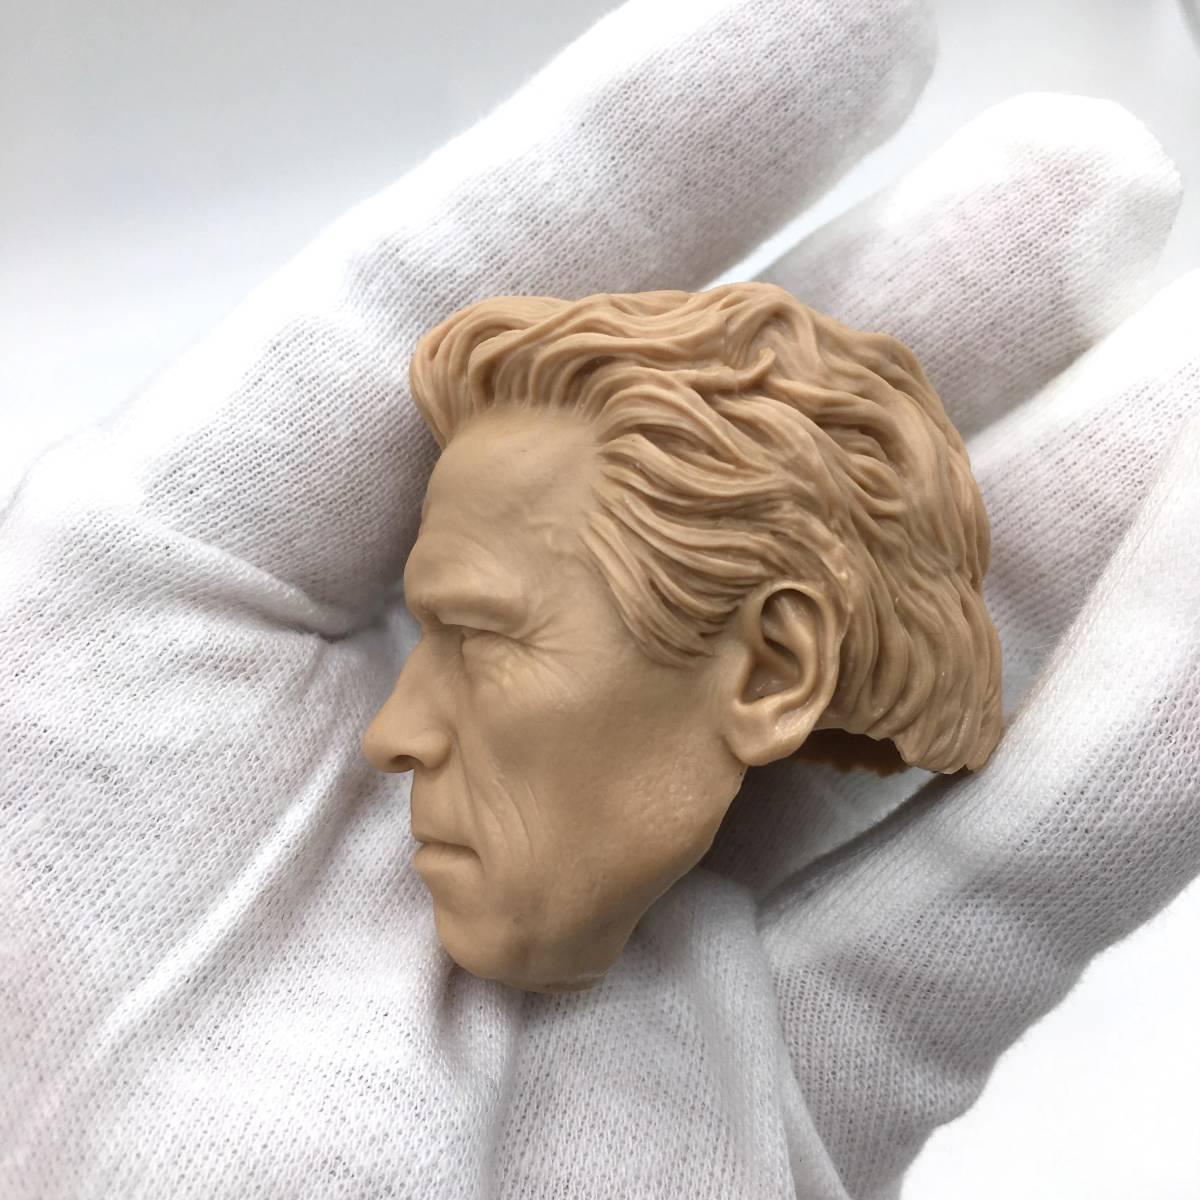 送料無料 1/6 DIY ヘッド 手作り 未塗装男性ヘッド アーノルド・シュワルツェネッガー -a 番号B35_画像4